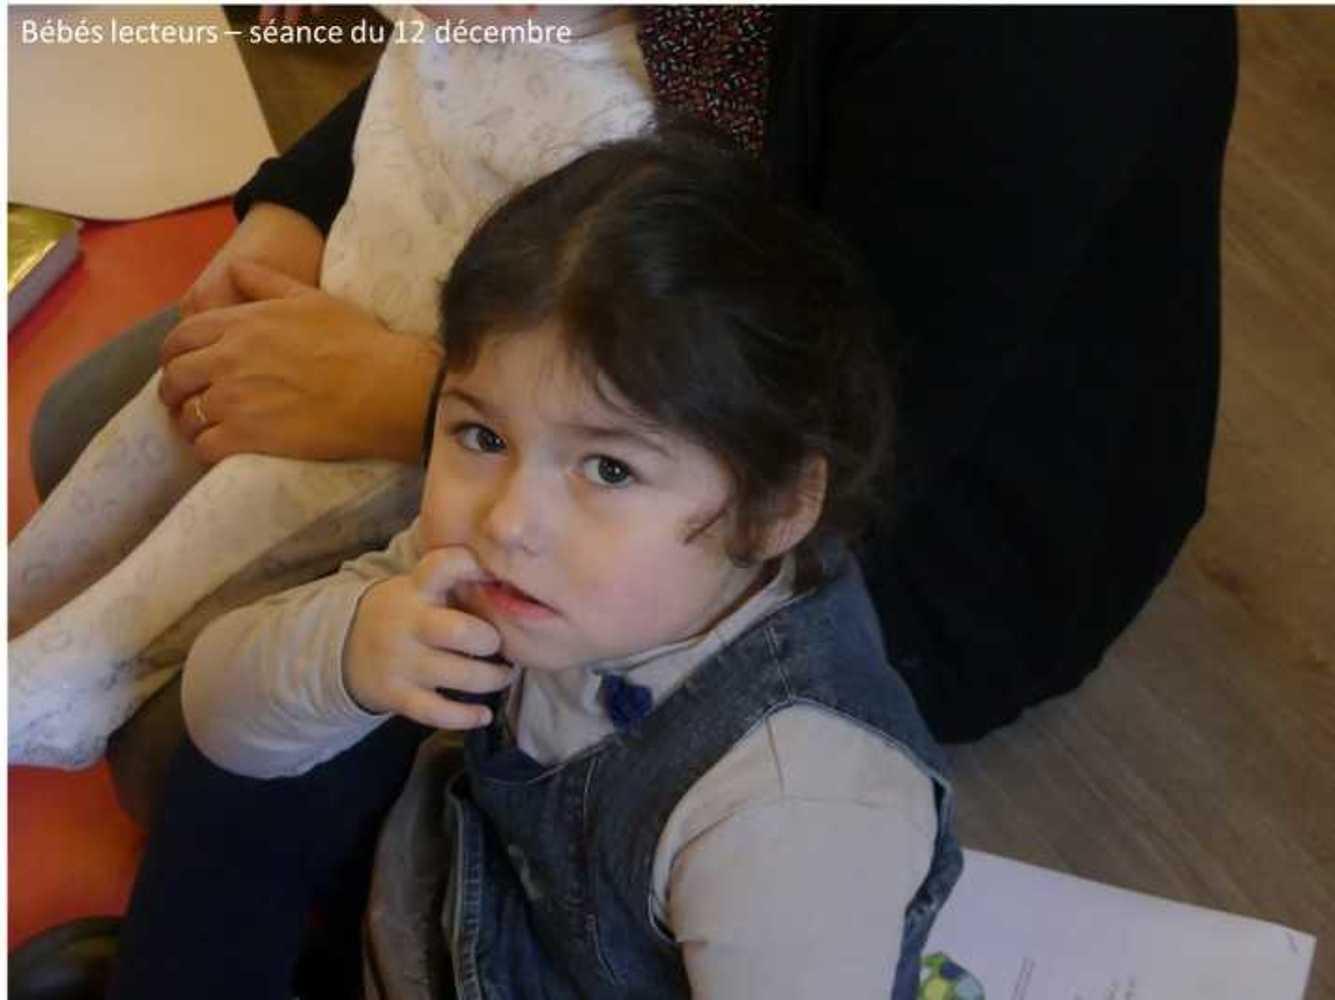 Photos et vidéo de la séance des bébés lecteurs du 12 décembre image3